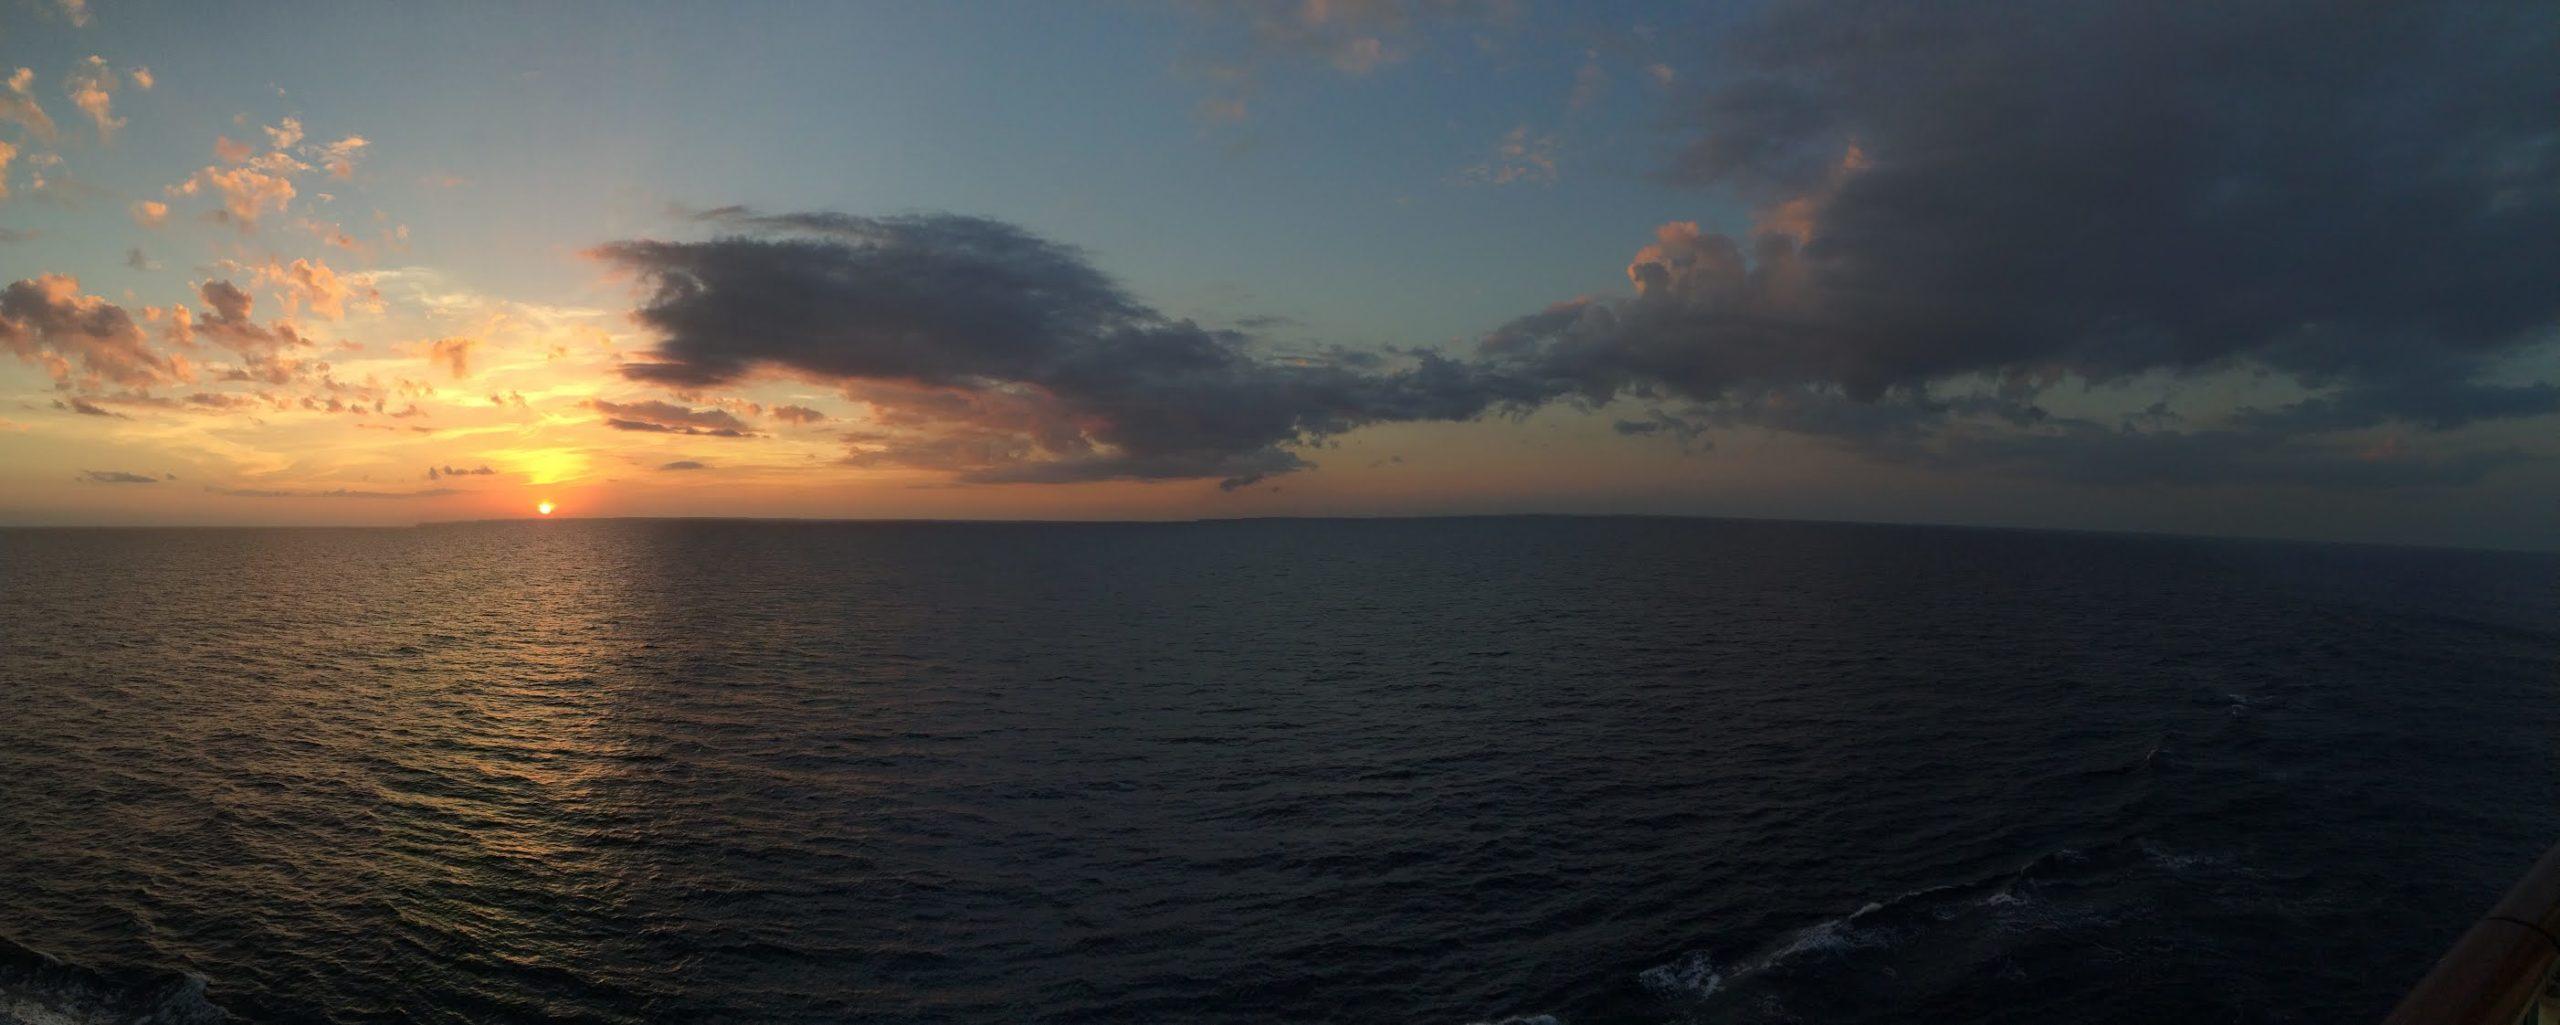 Mexico Cruise Cozumel